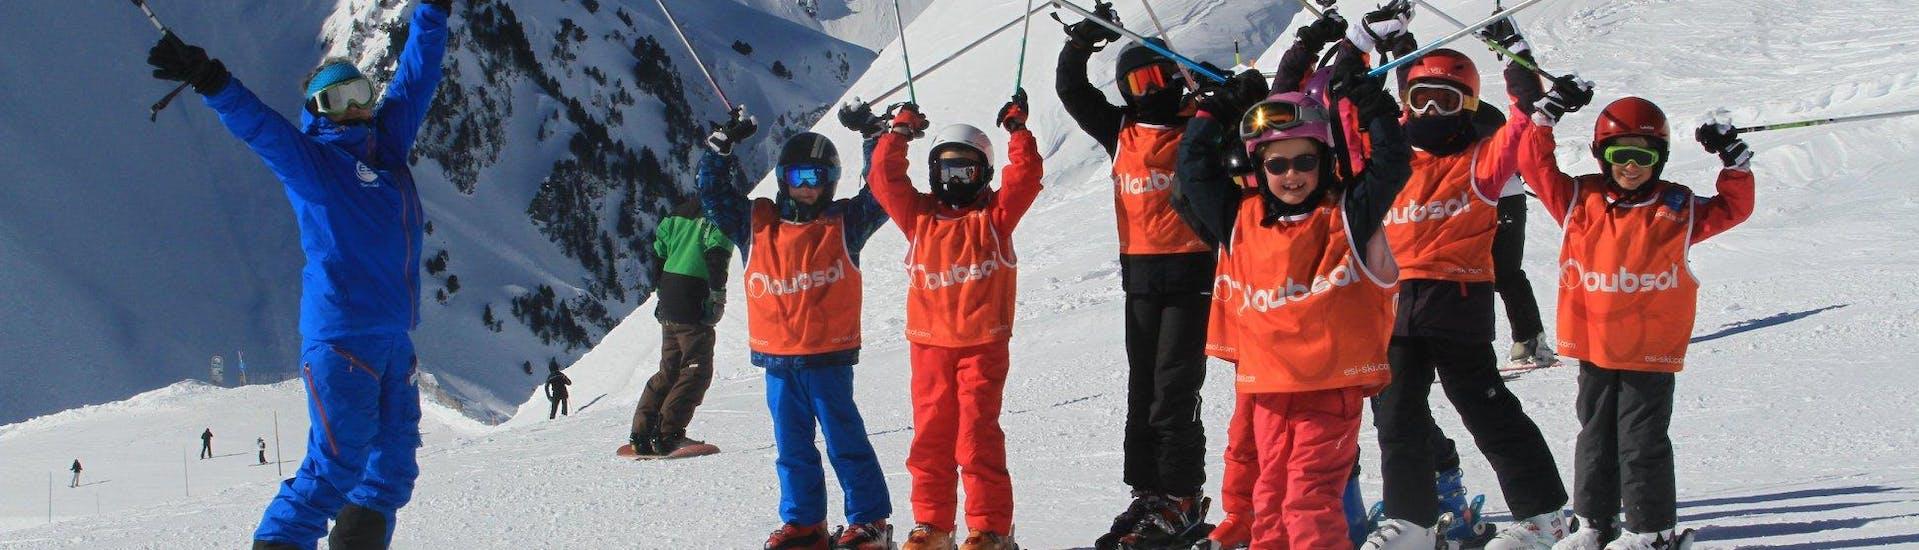 Unos jovenes esquiadores están parados uno al lado del otro con sus bastones de esquí en el aire durante sus Clases de esquí para niños (5-13 años) - Mañana con la escuela de esquí ESI du Tourmalet en La Mongie.